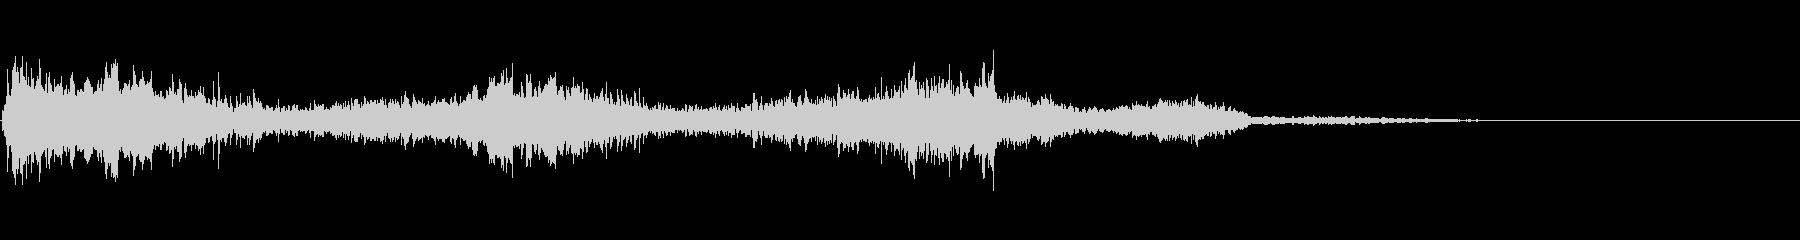 汎用的な魔法音(音程低め)の未再生の波形